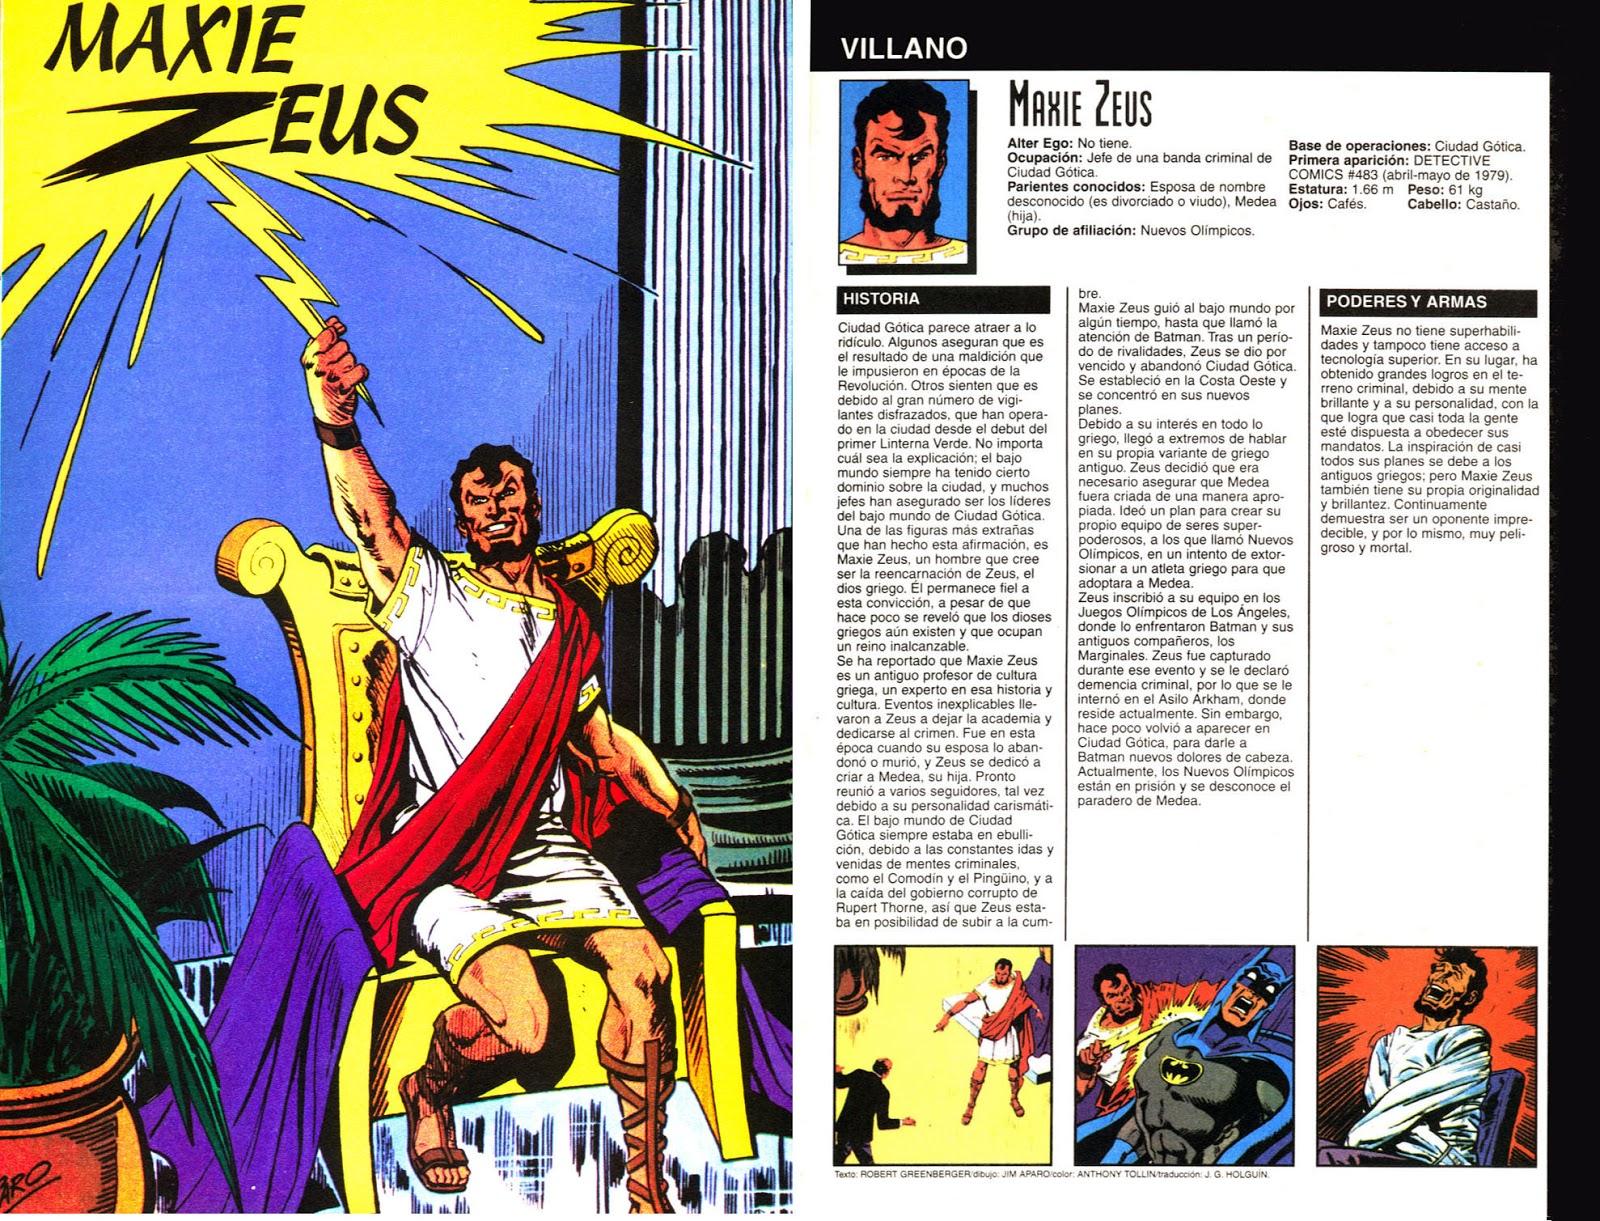 Maxi Zeus (ficha dc comics)